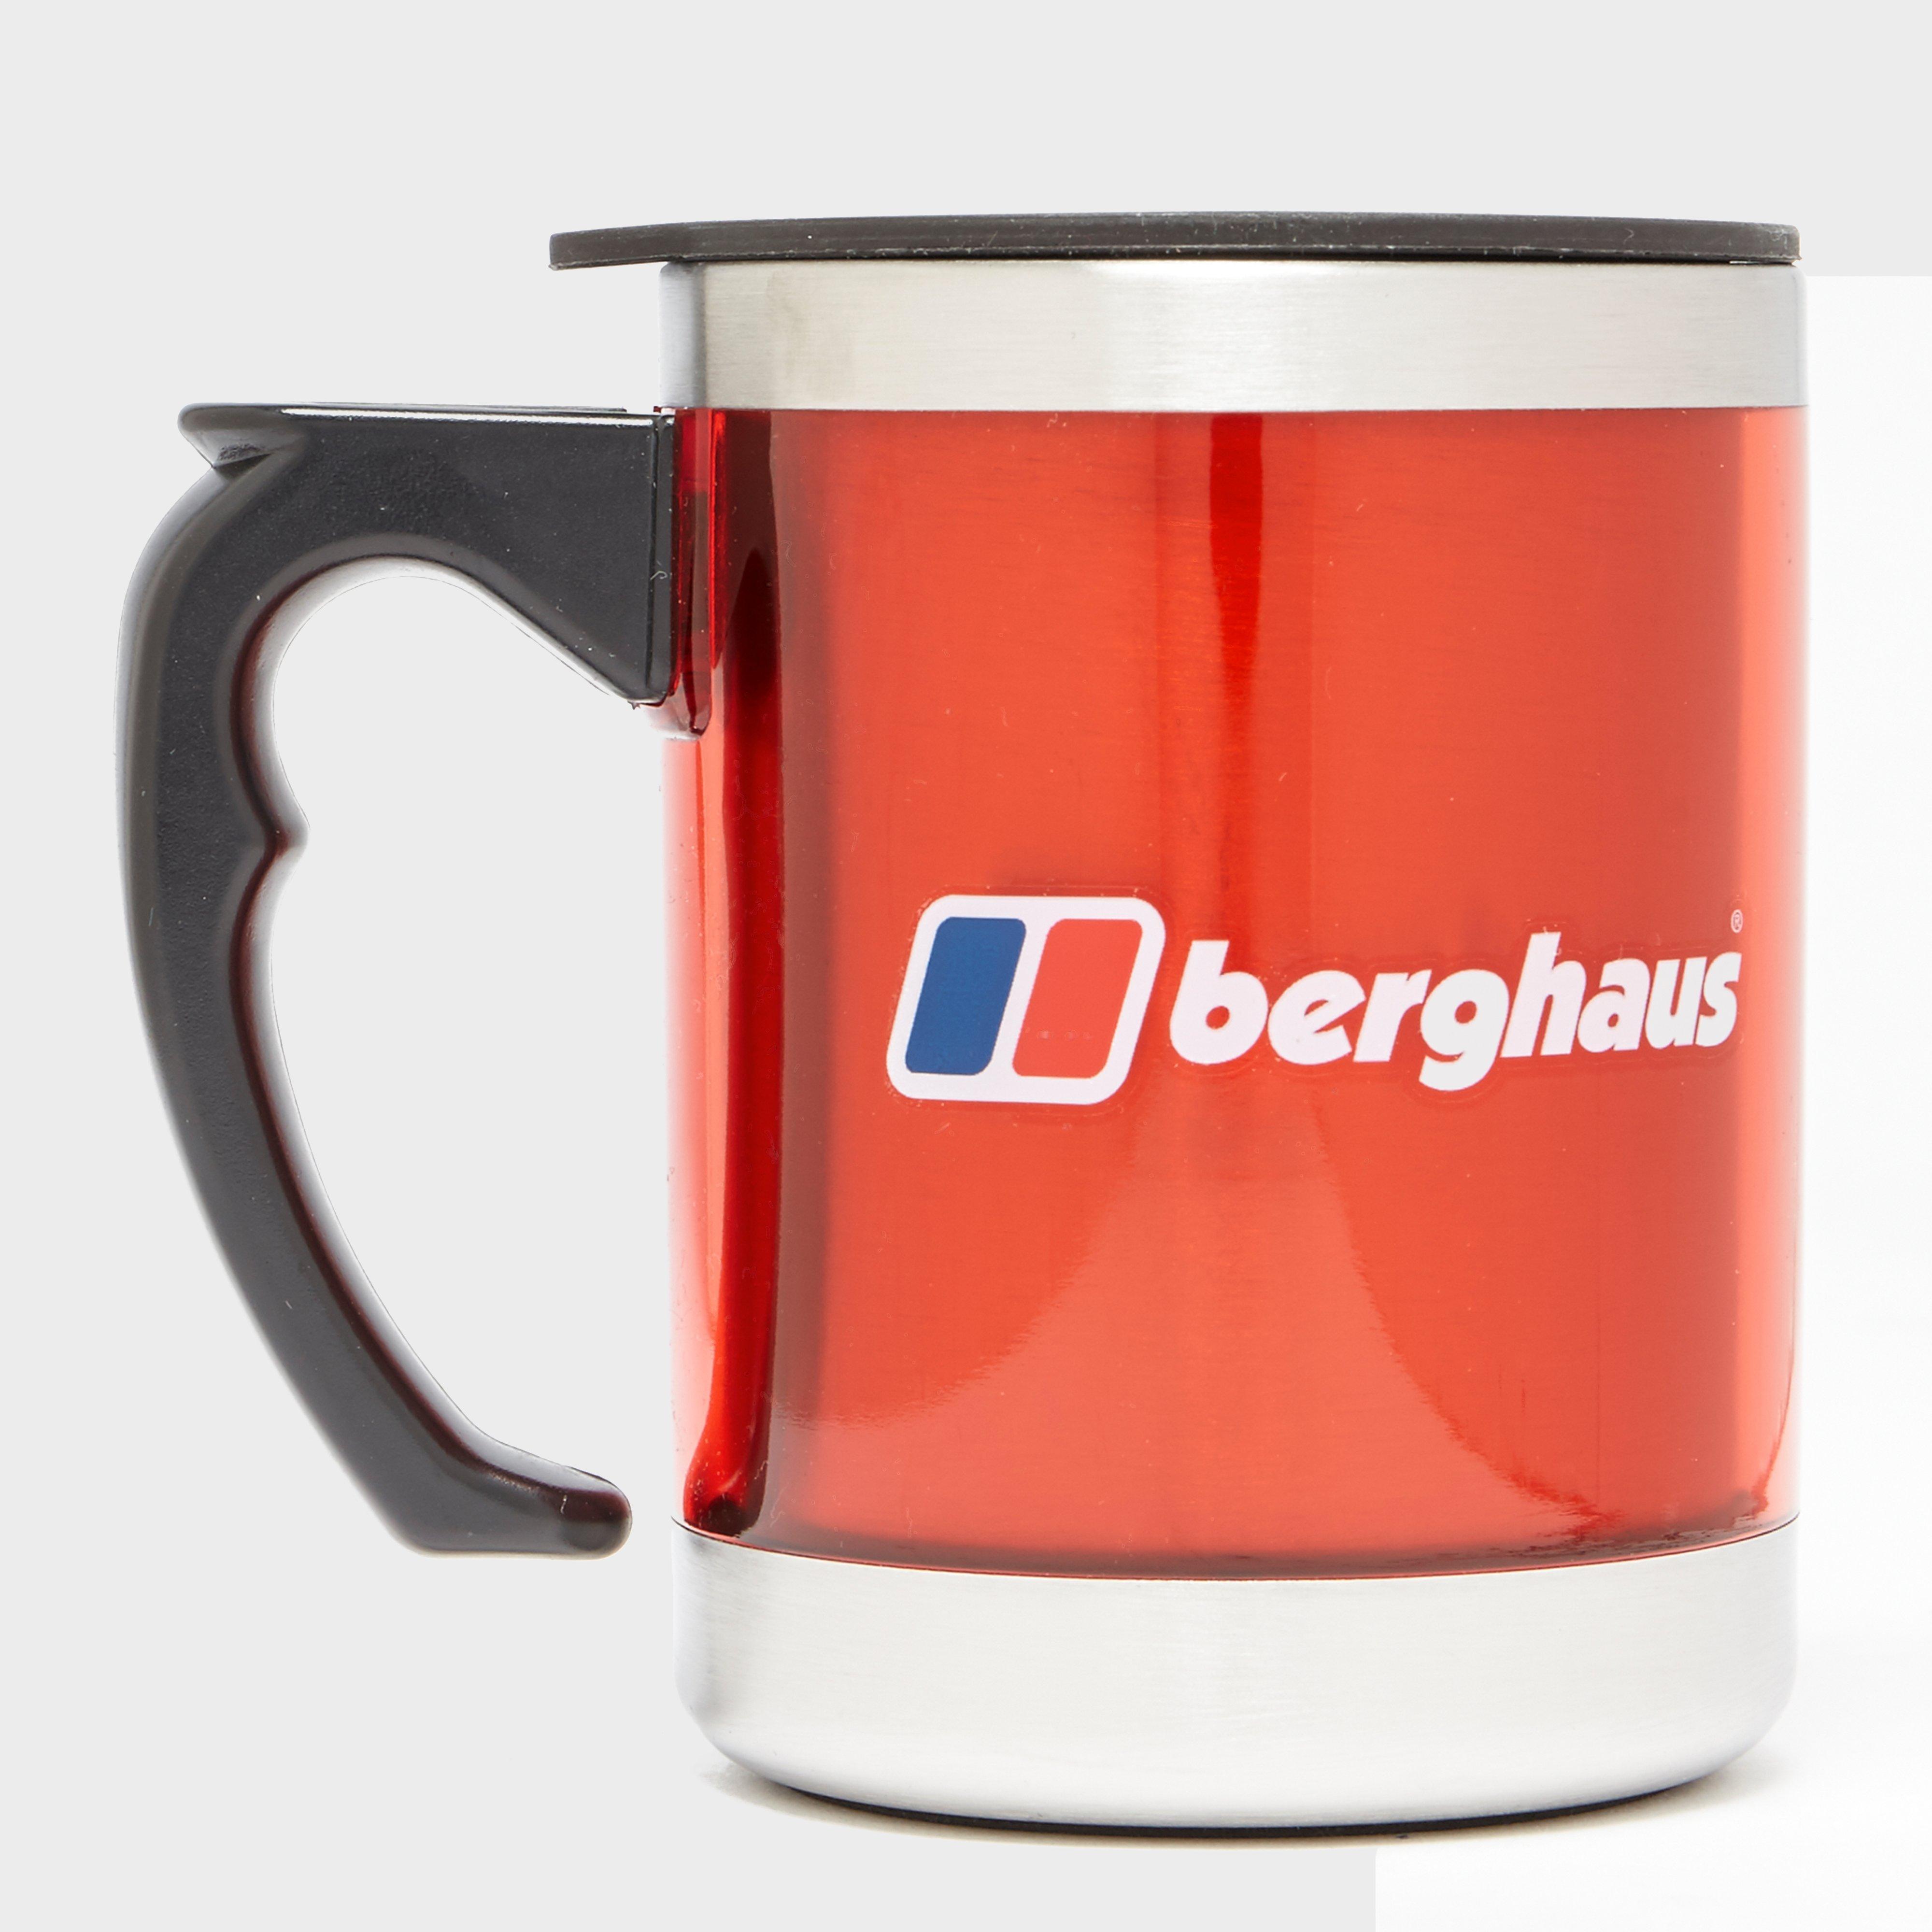 Berghaus Camping Mug - Red  Red